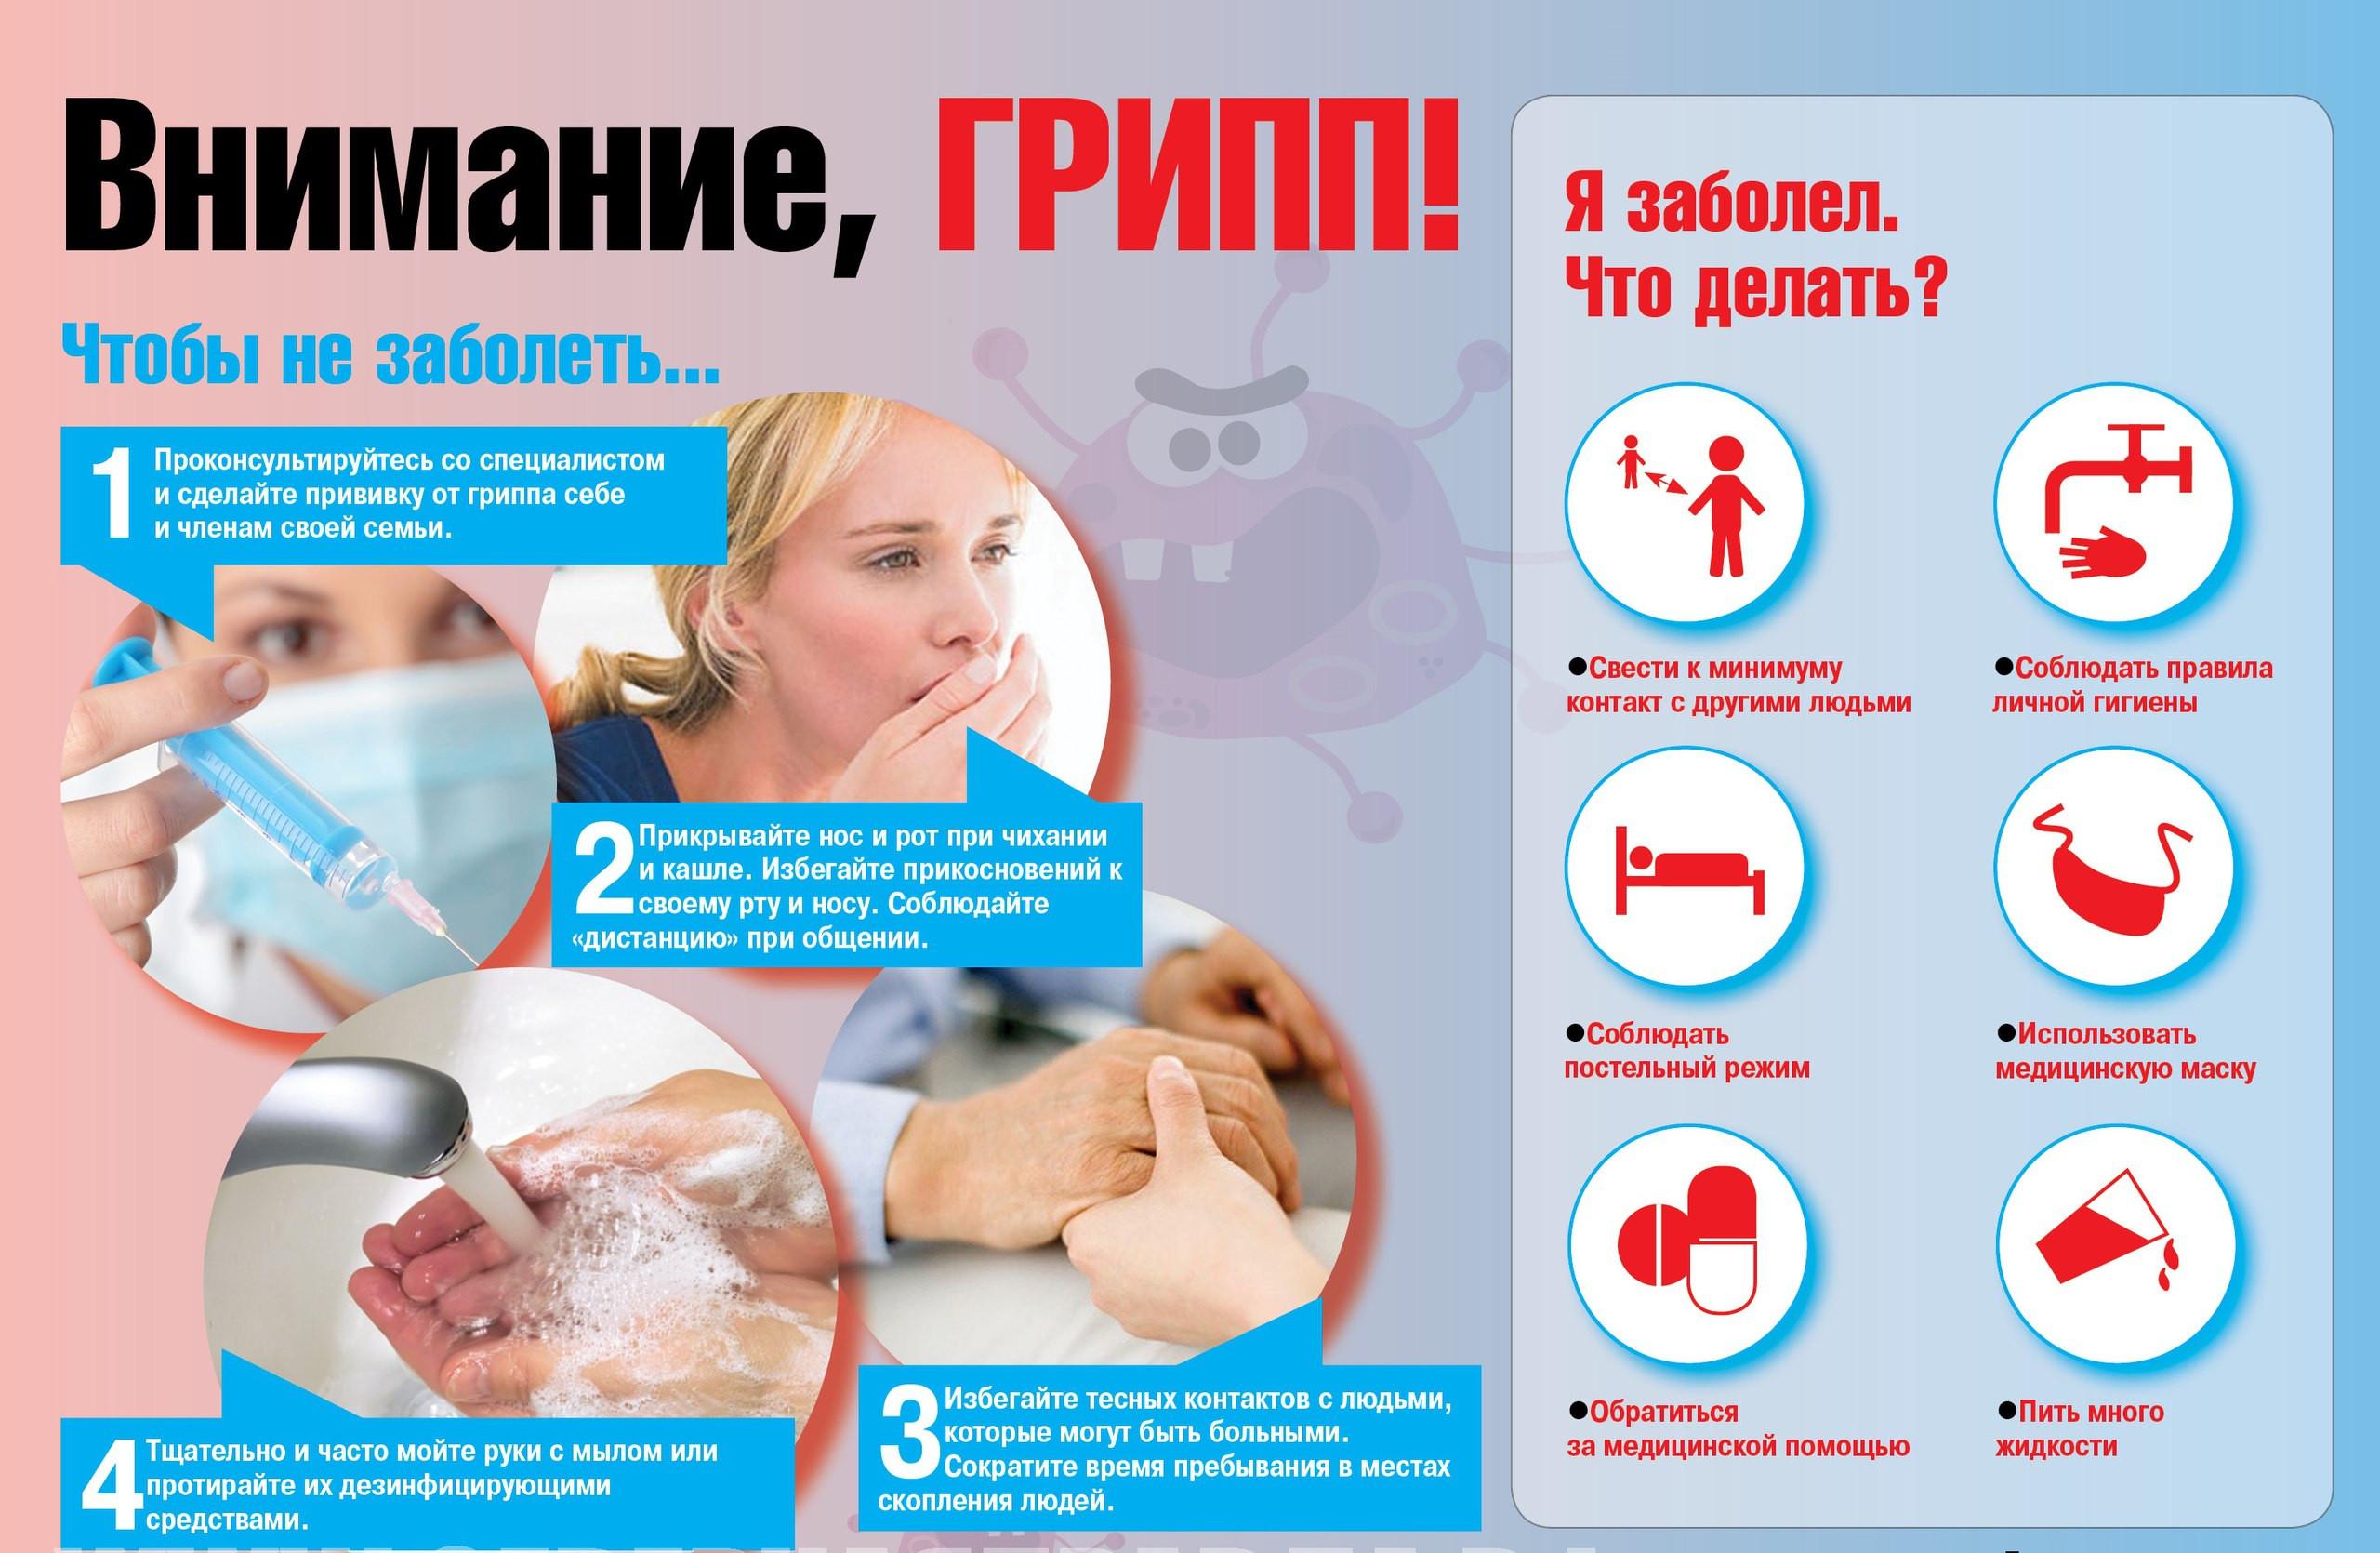 Прививка от гриппа – эффект, показания, противопоказания